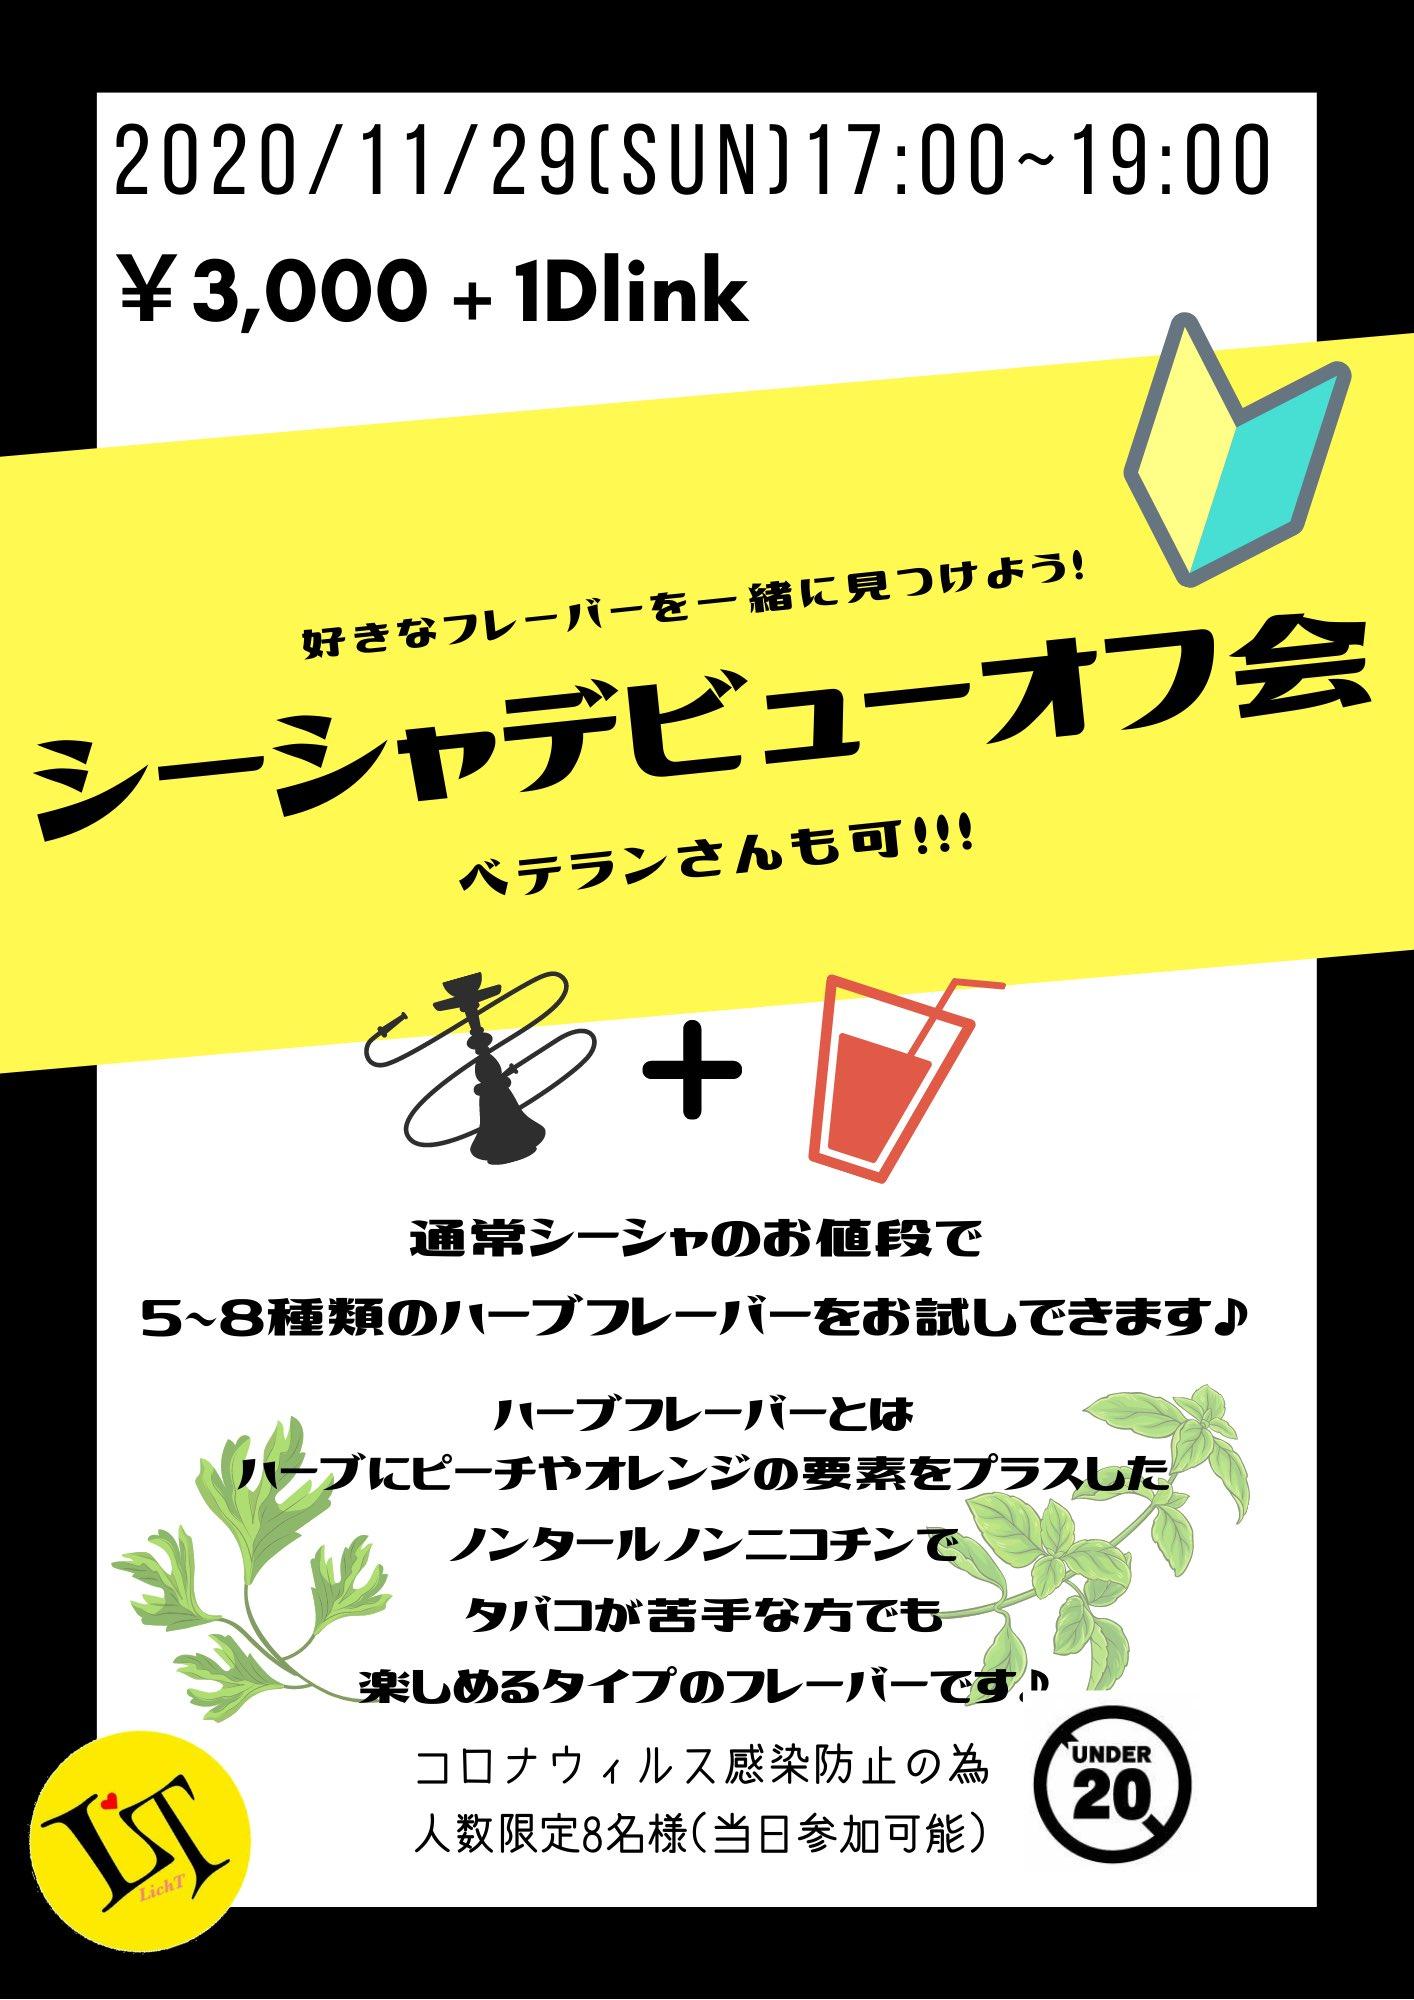 【大阪ミナミ】シーシャデビューオフ会